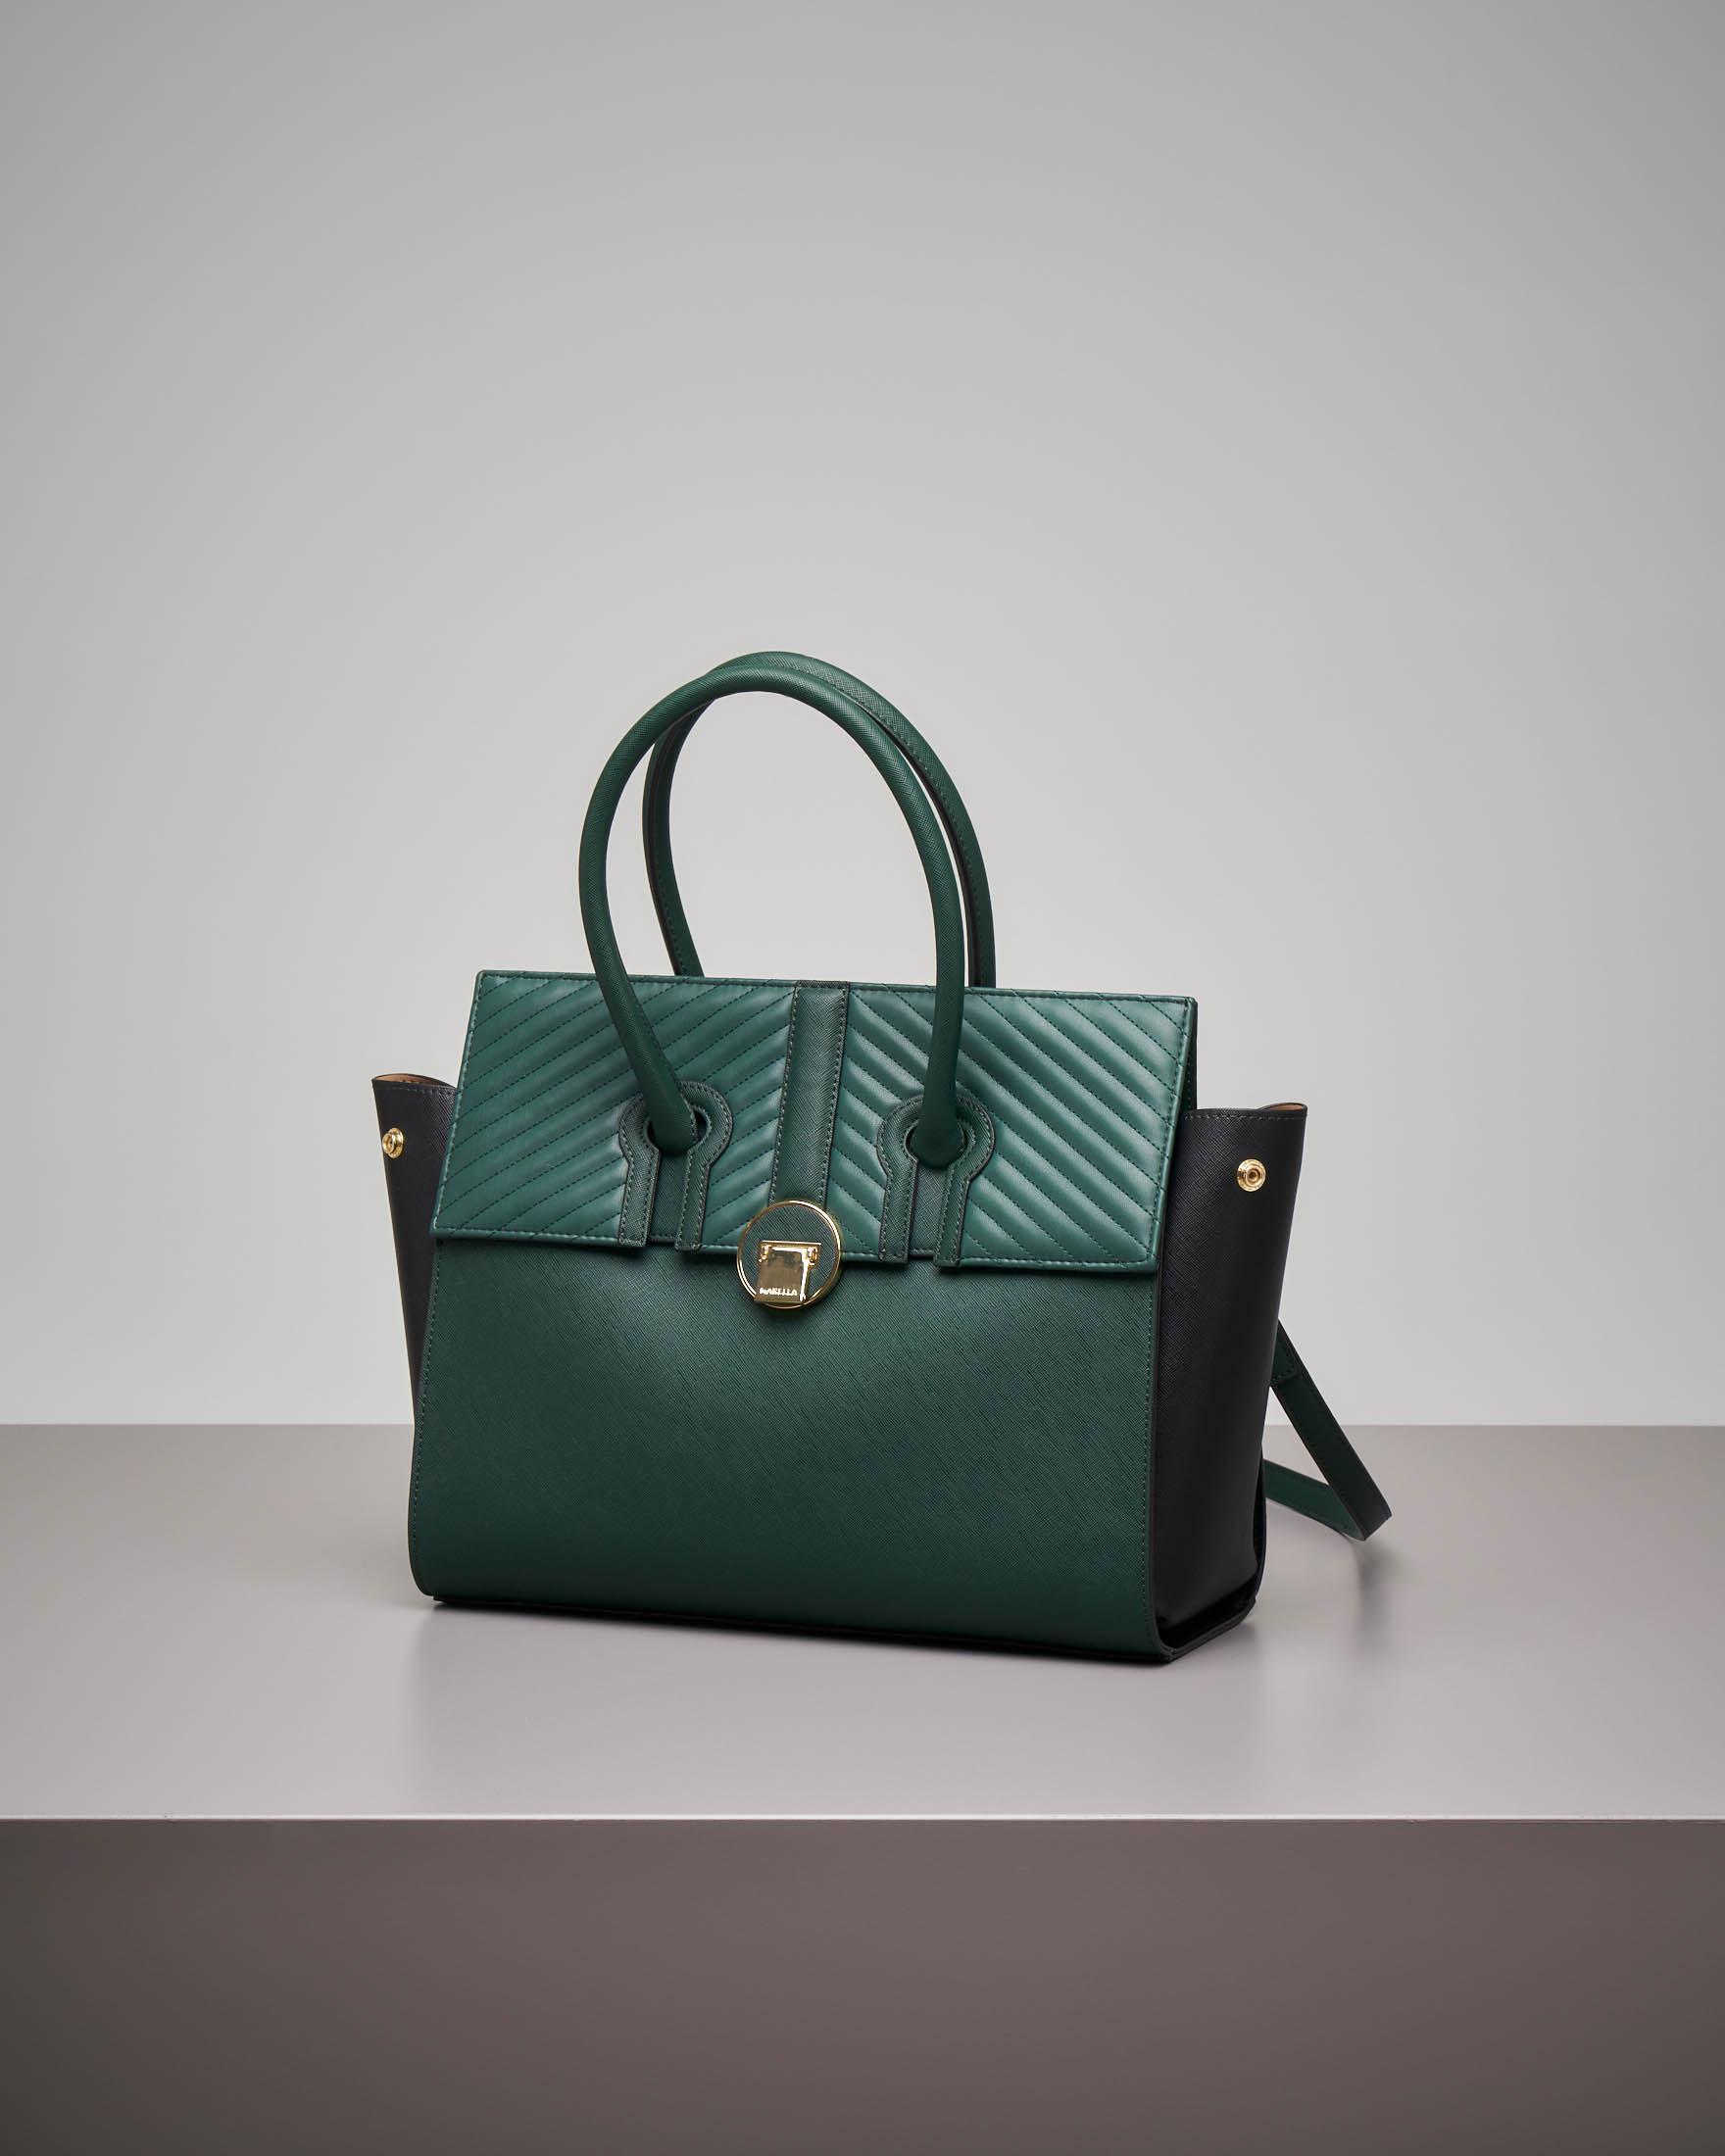 Borsa a spalla verde con patta intercambiabile beige e trapuntata tono su tono.